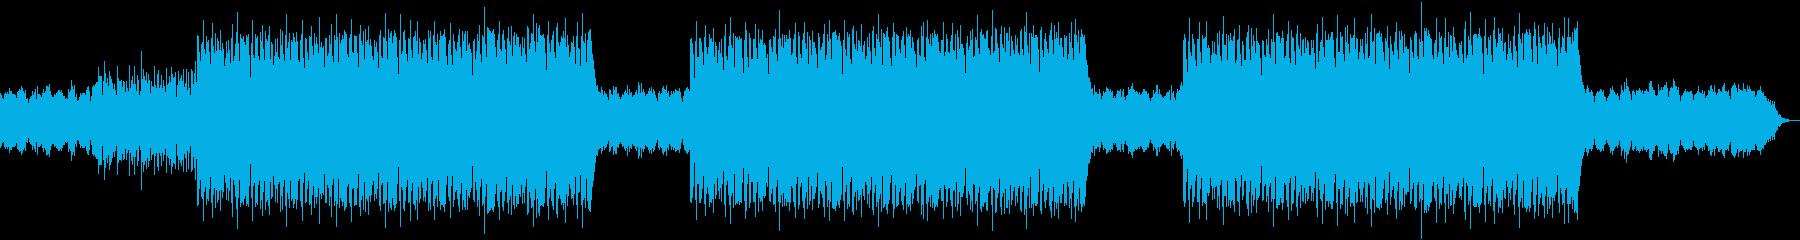 エモ系ギターヒップホップBGMの再生済みの波形